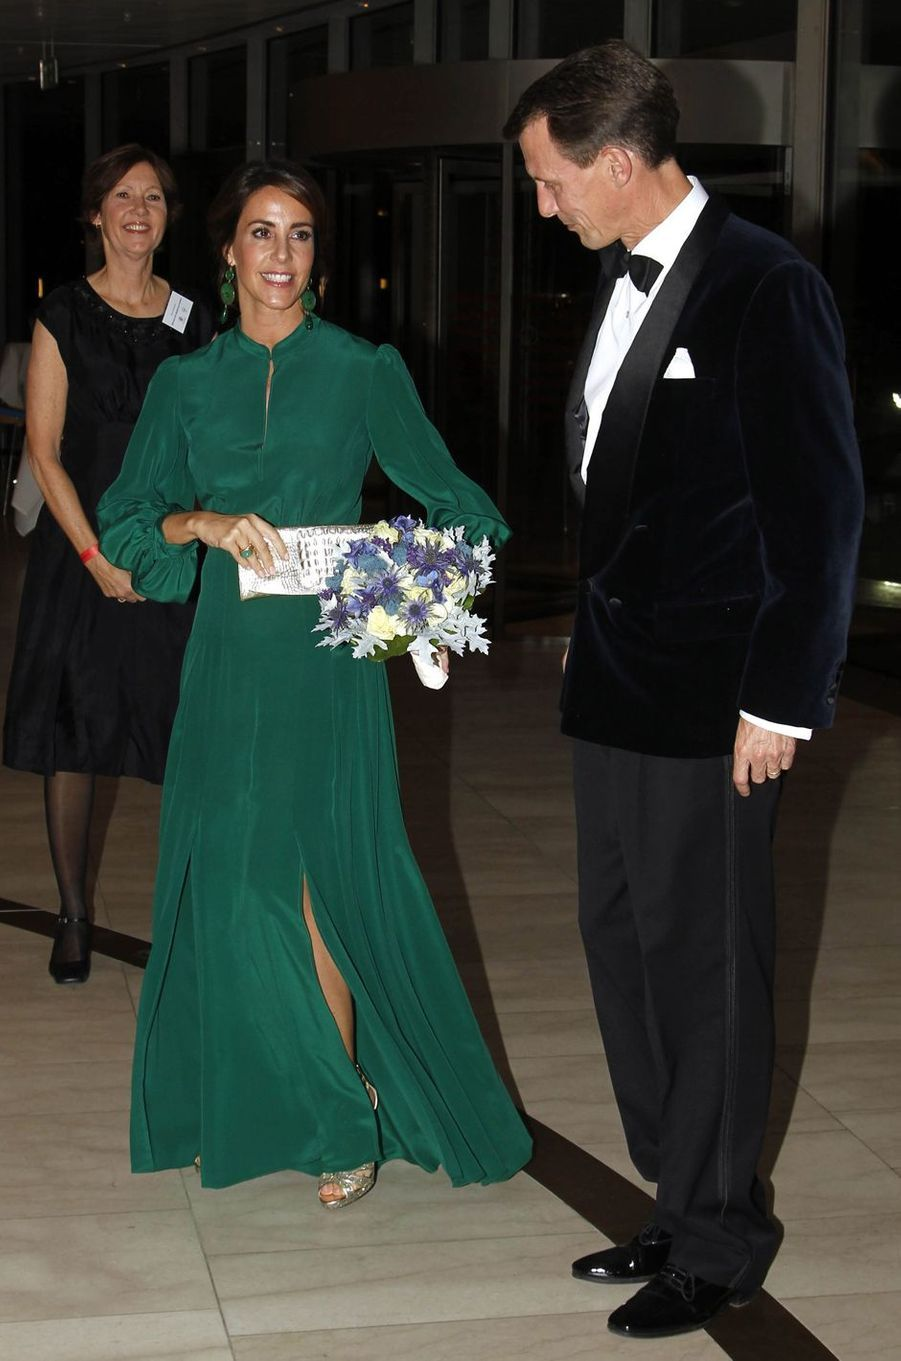 La princesse Marie et le prince Joachim de Danemark à Copenhague, le 10 octobre 2018